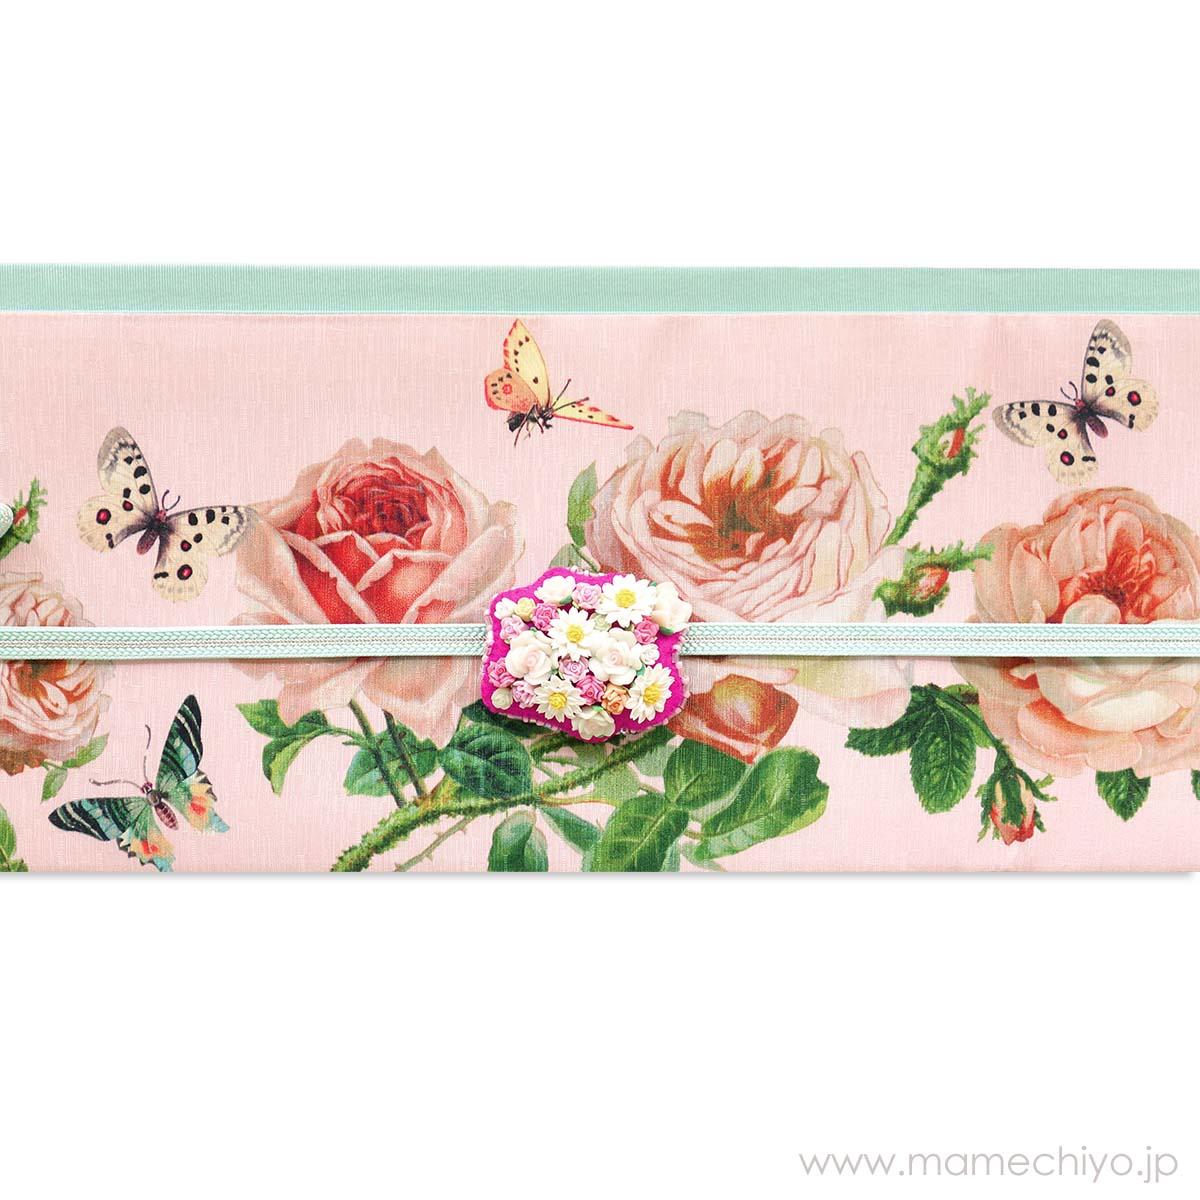 半巾帯 薔薇の香り ロココピンク